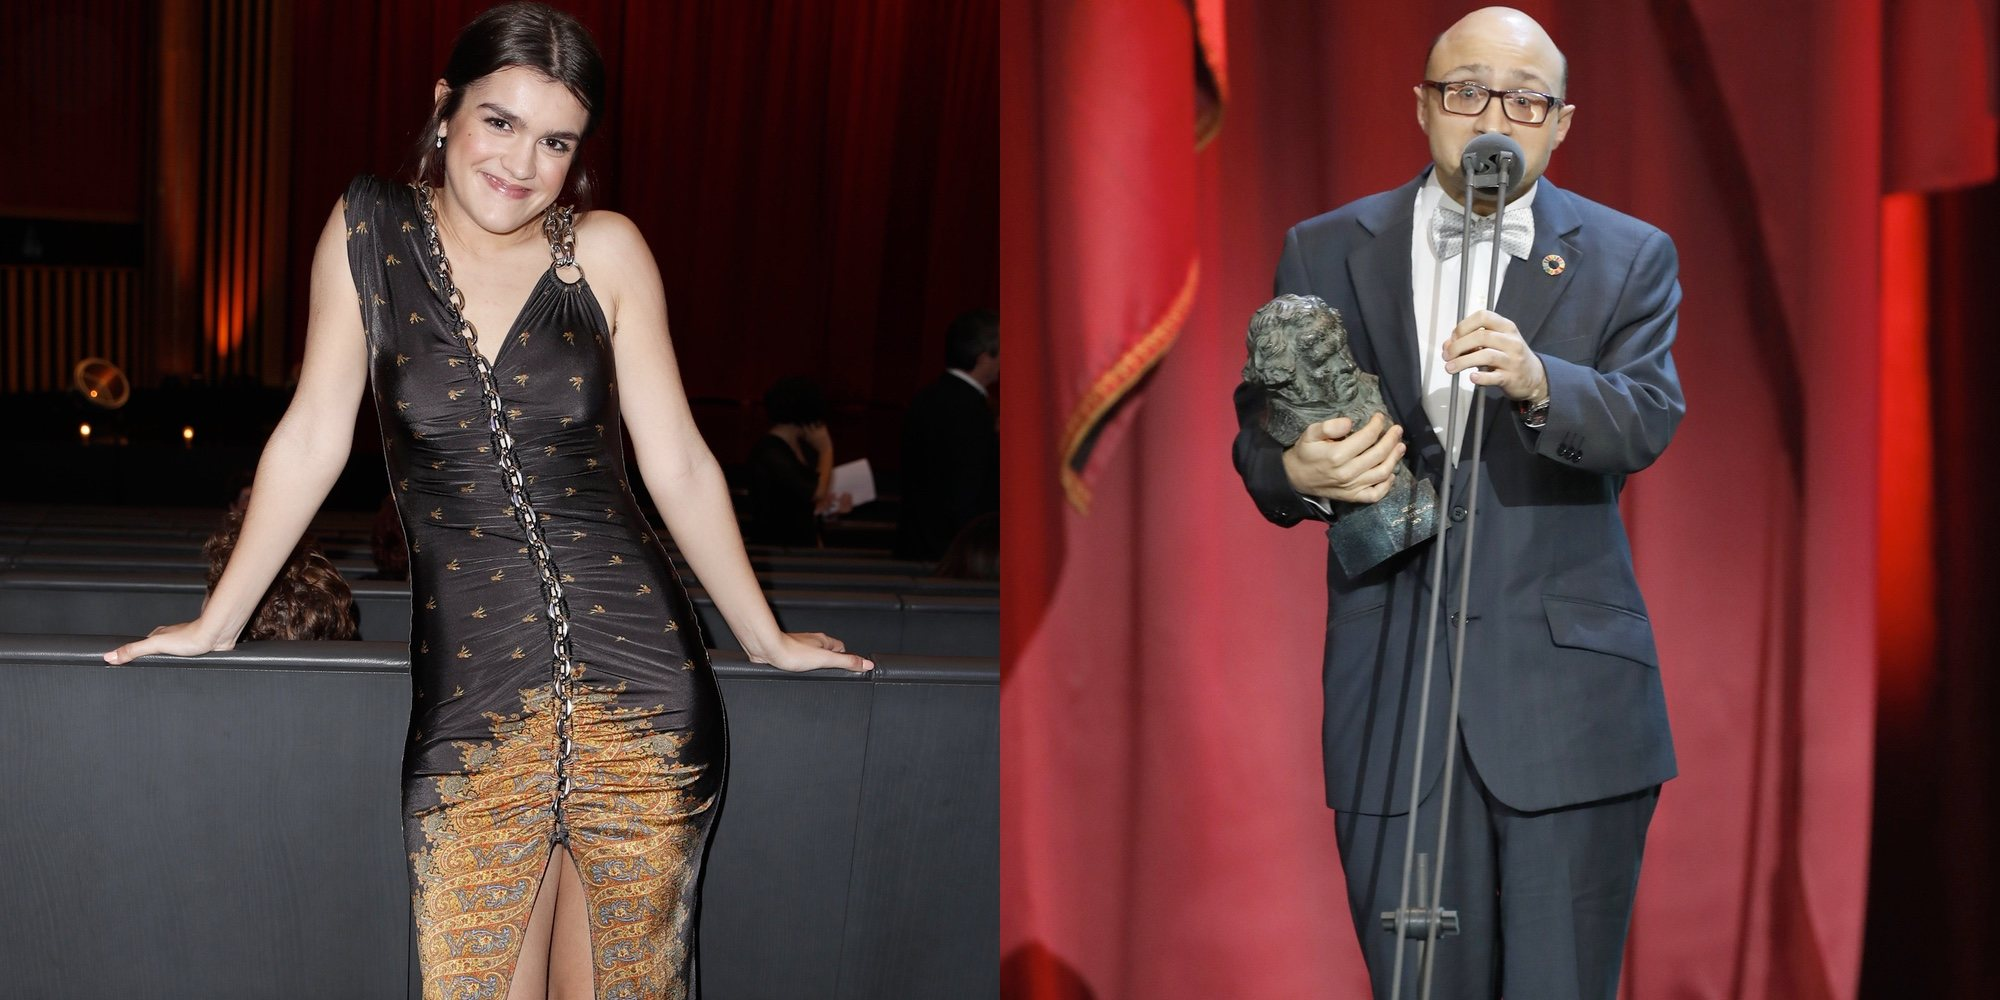 Los mejores momentos de los Goya 2019: feminismo e inclusión, los sobres pegados o el 'fallo' de Amaia